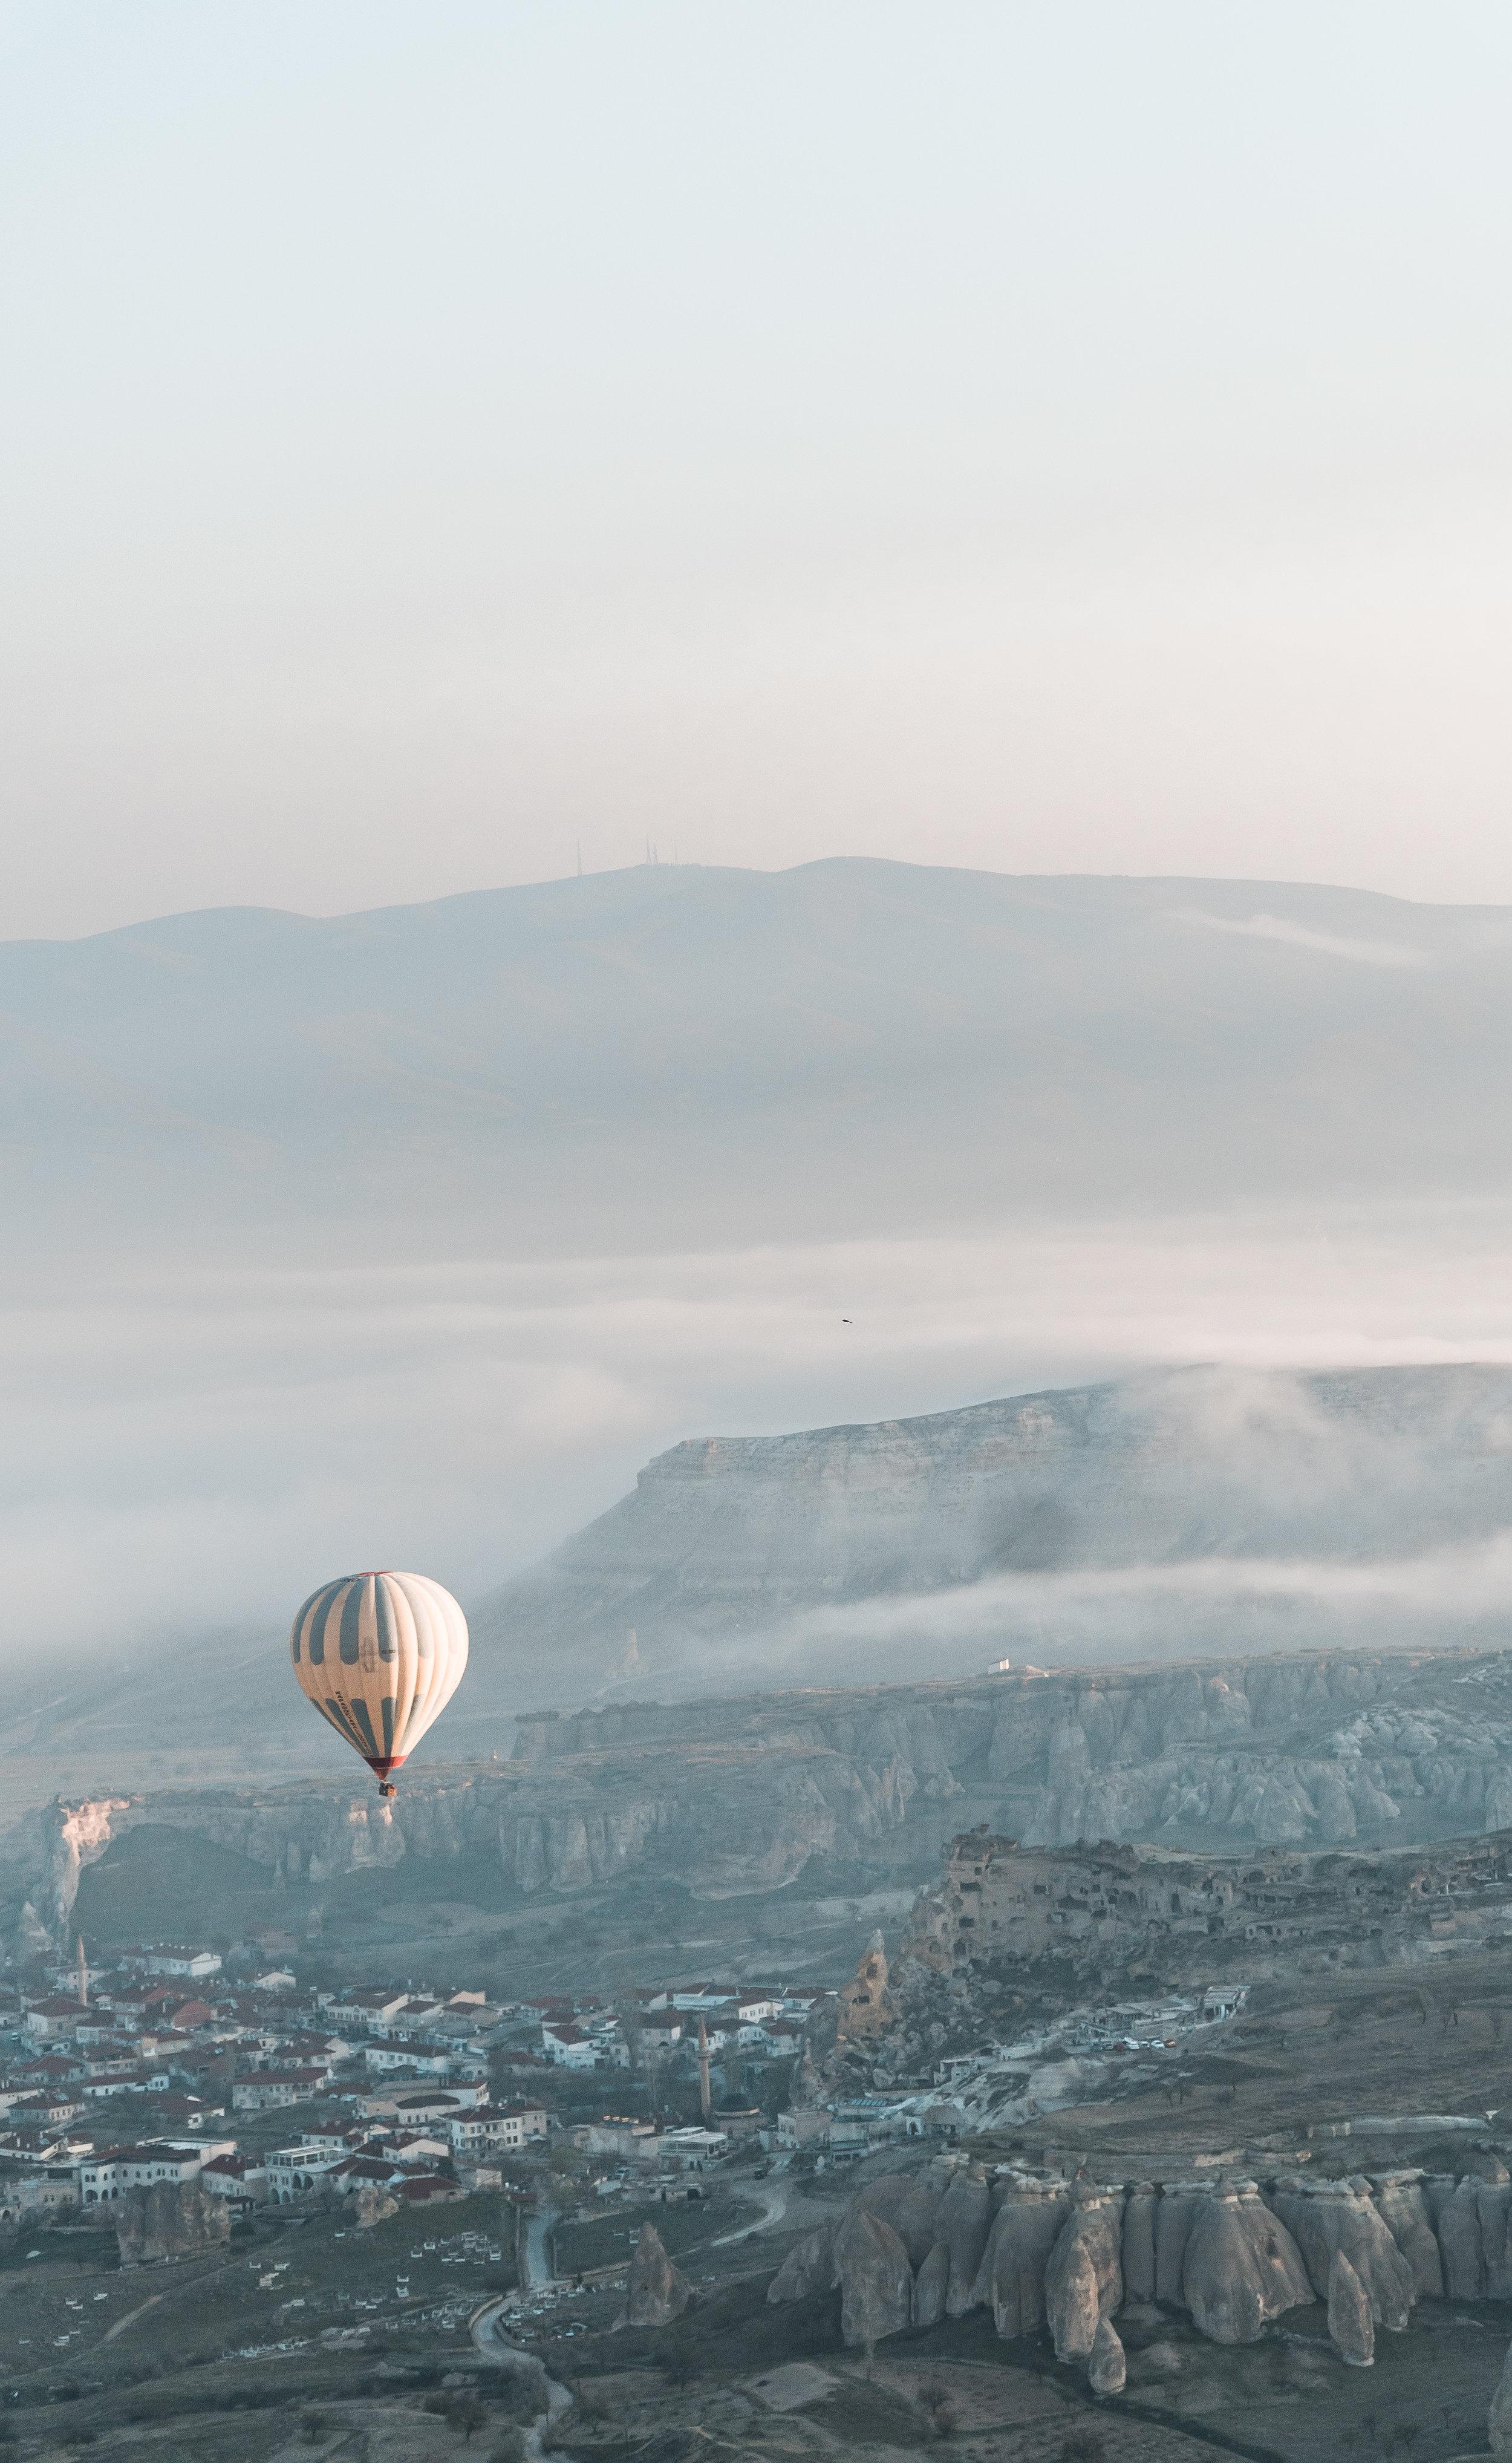 Magical Cappadocia - Hot Air Balloon Journey